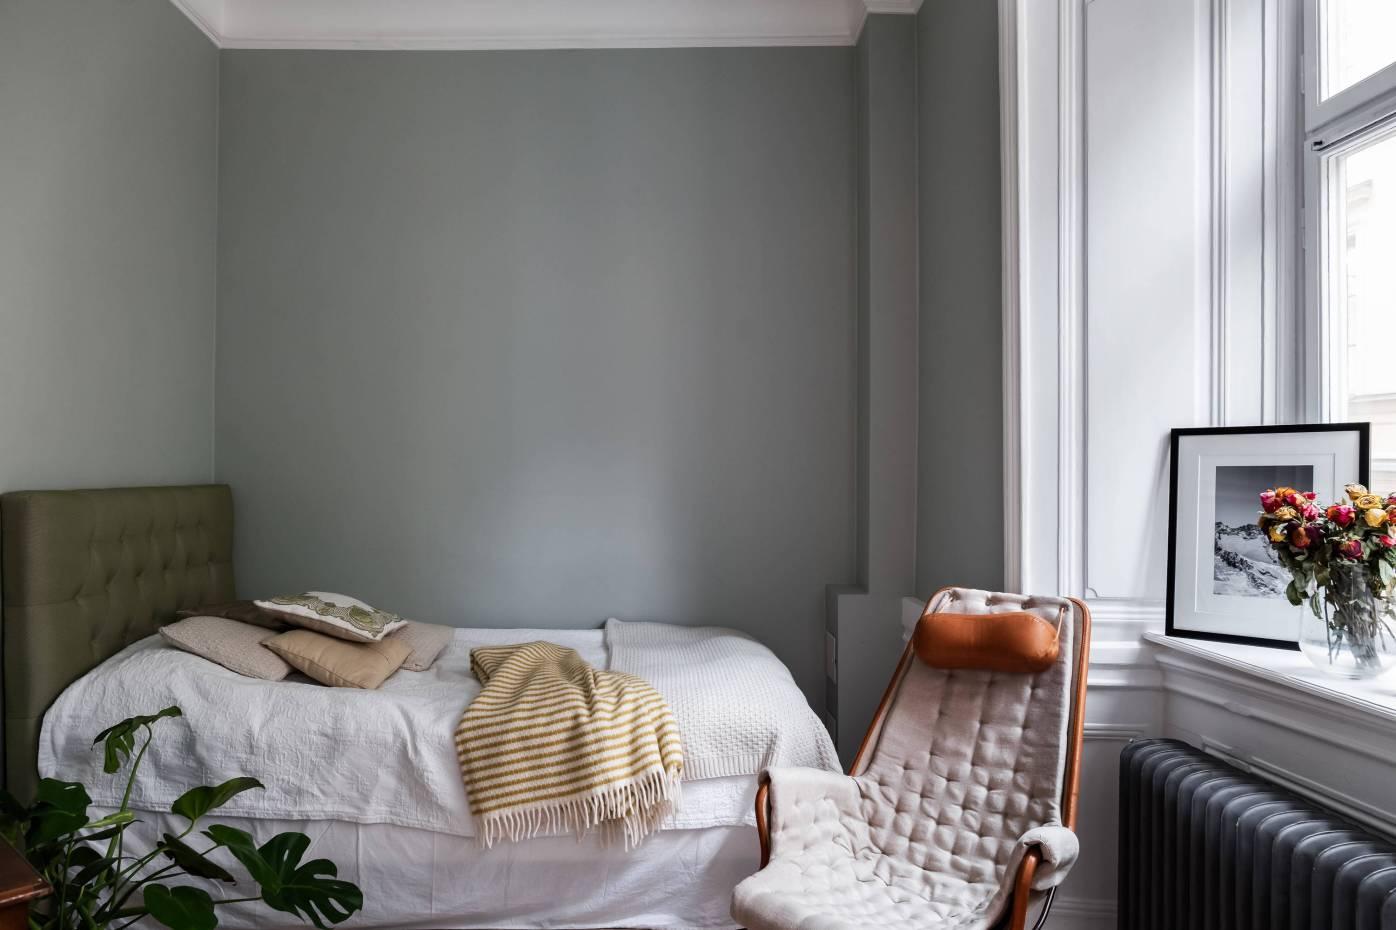 спальня кровать окно откосы